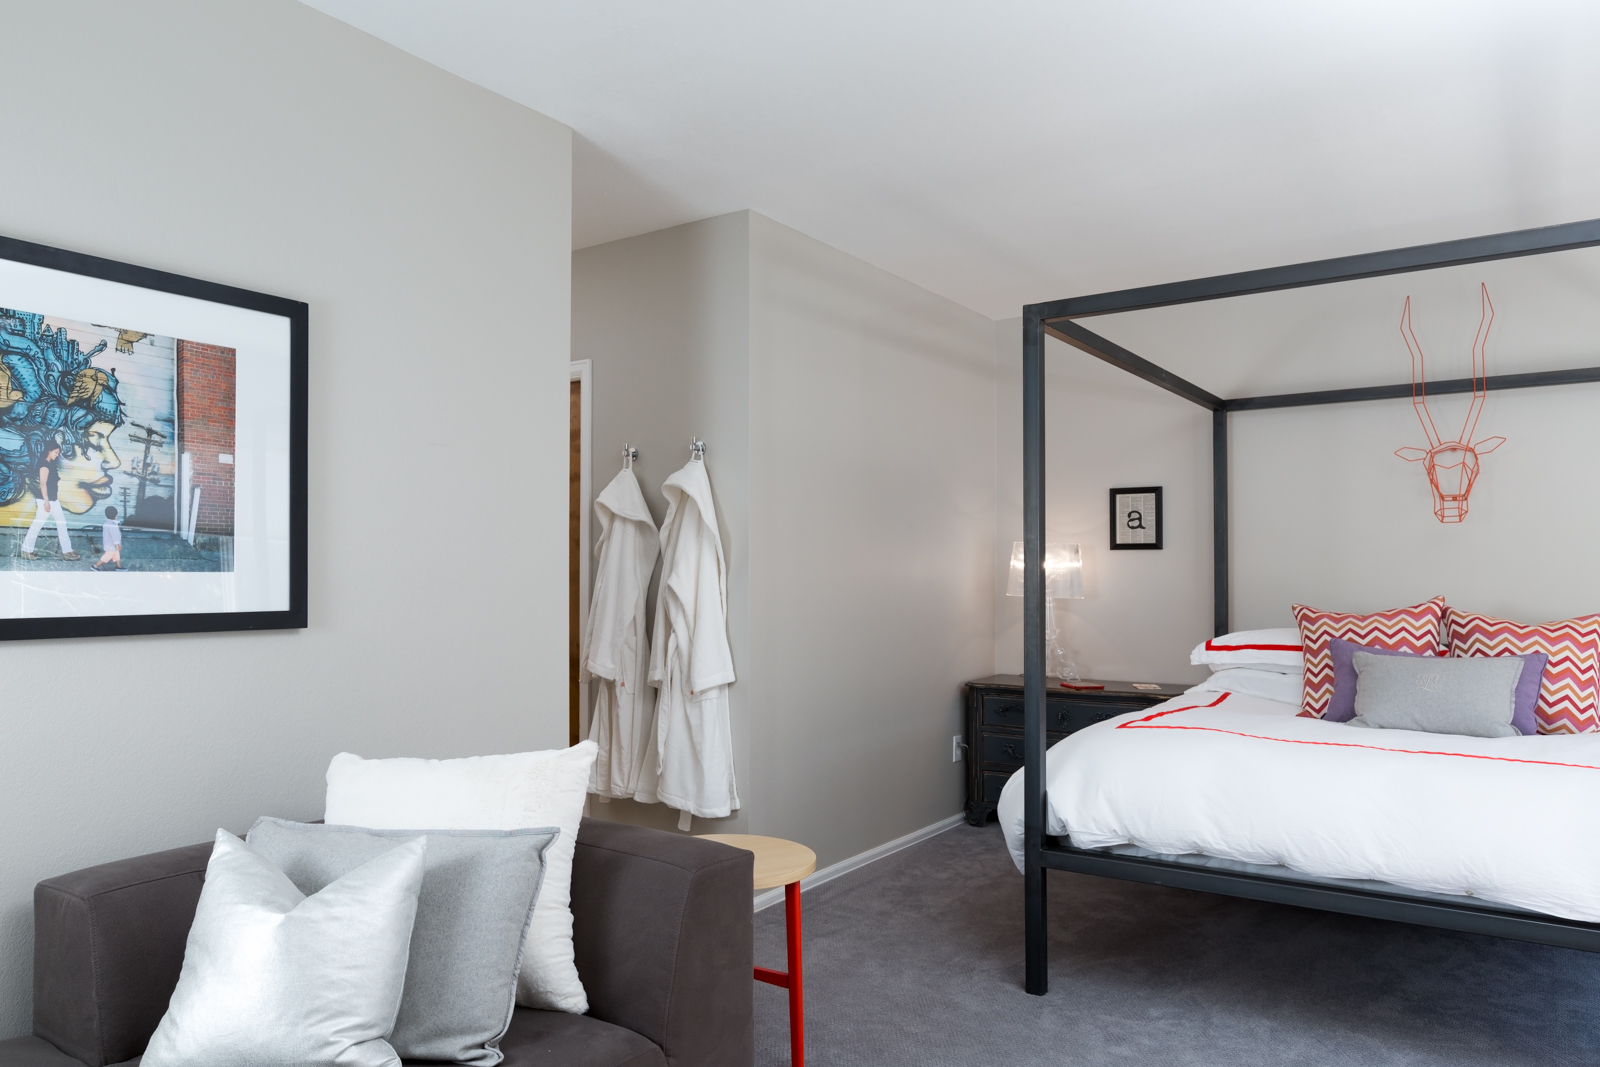 Master_bedroom-2-3128704515-O.jpg